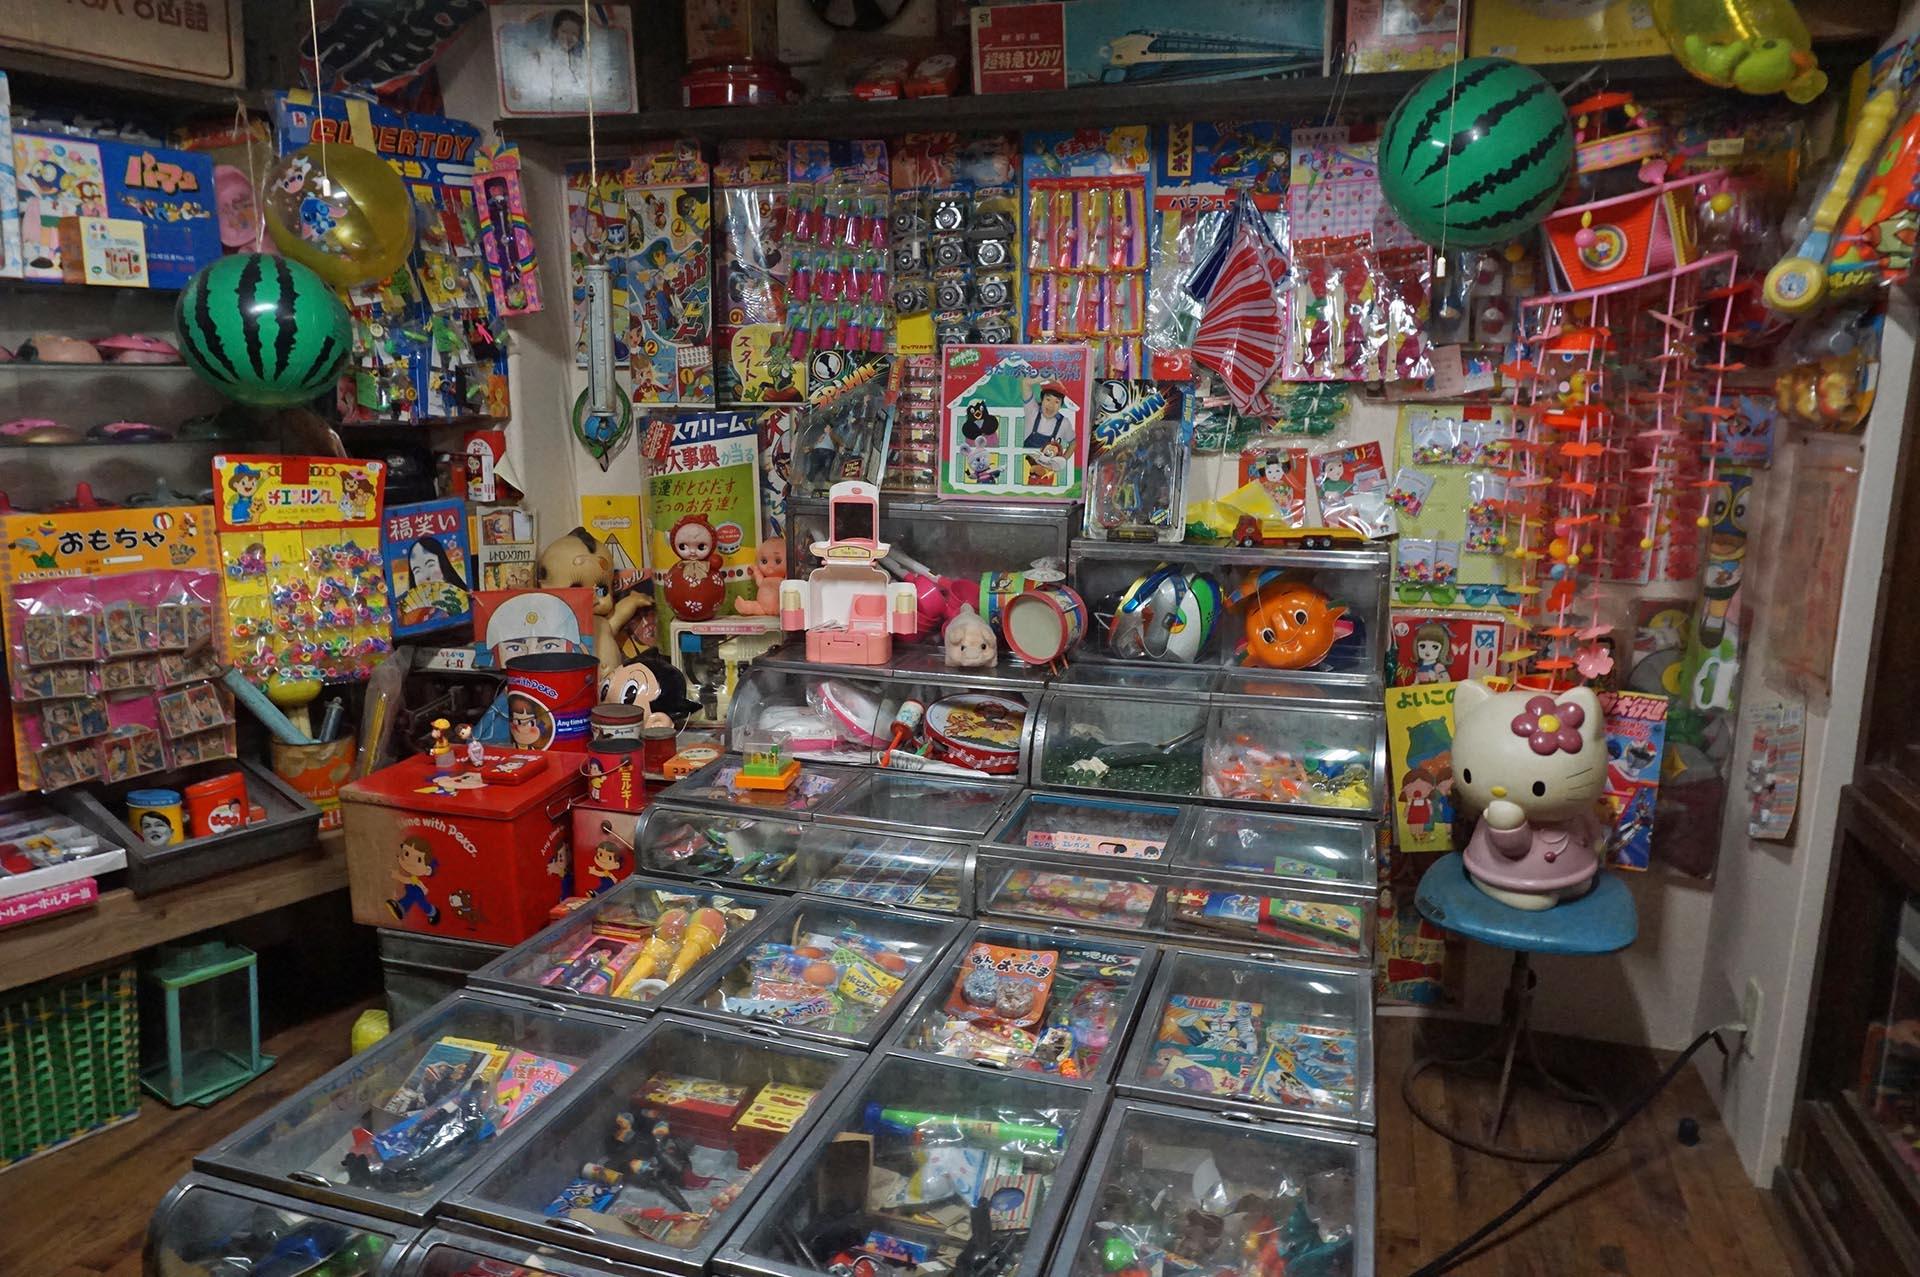 湯布院昭和館の駄菓子屋